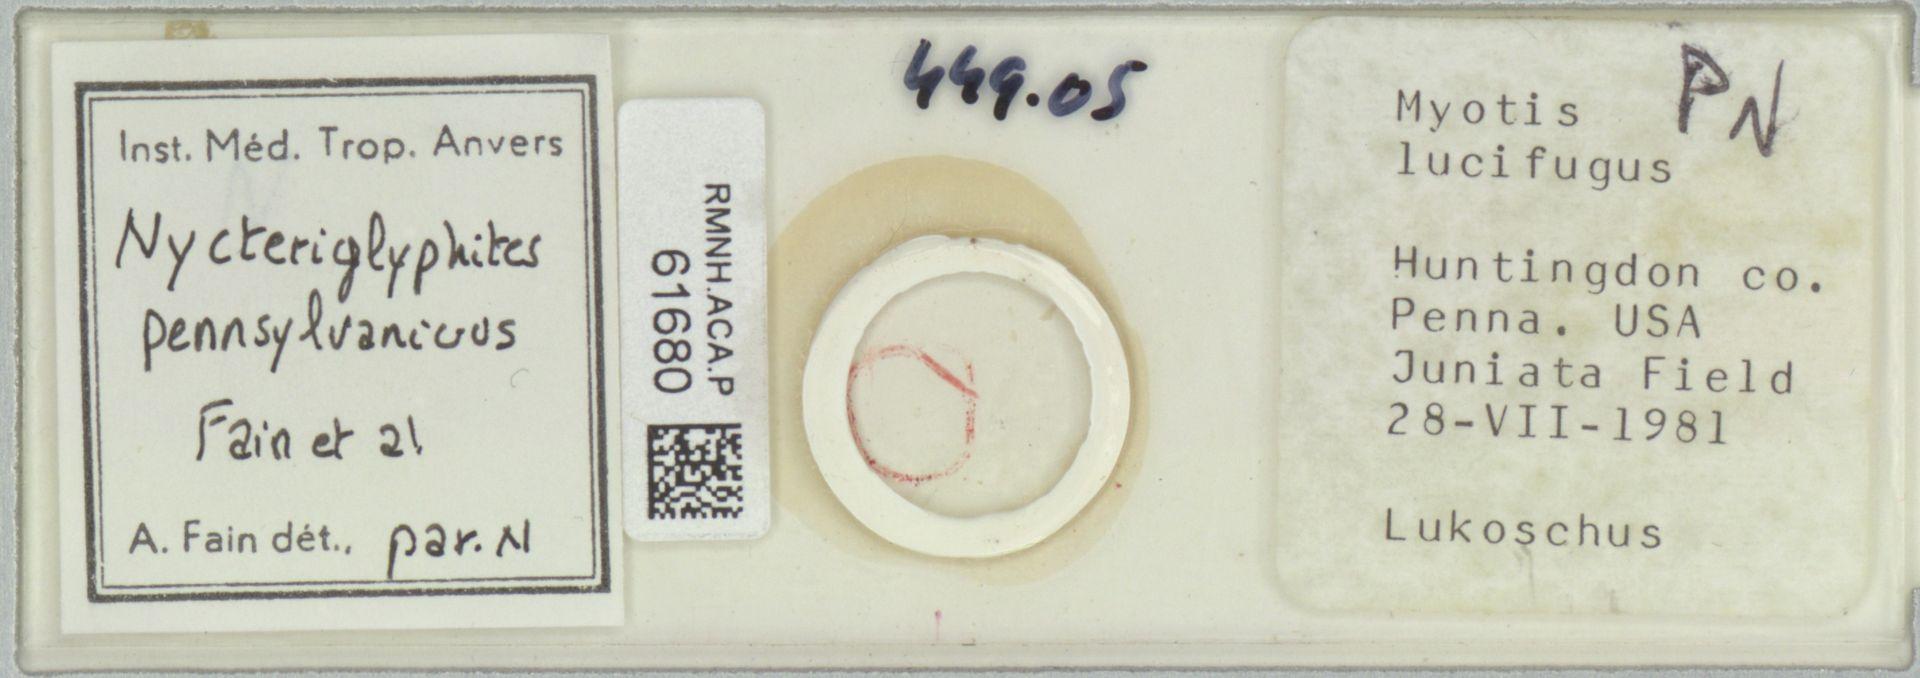 RMNH.ACA.P.61680 | Nycteriglyphites pennsylvanicus Fain et al